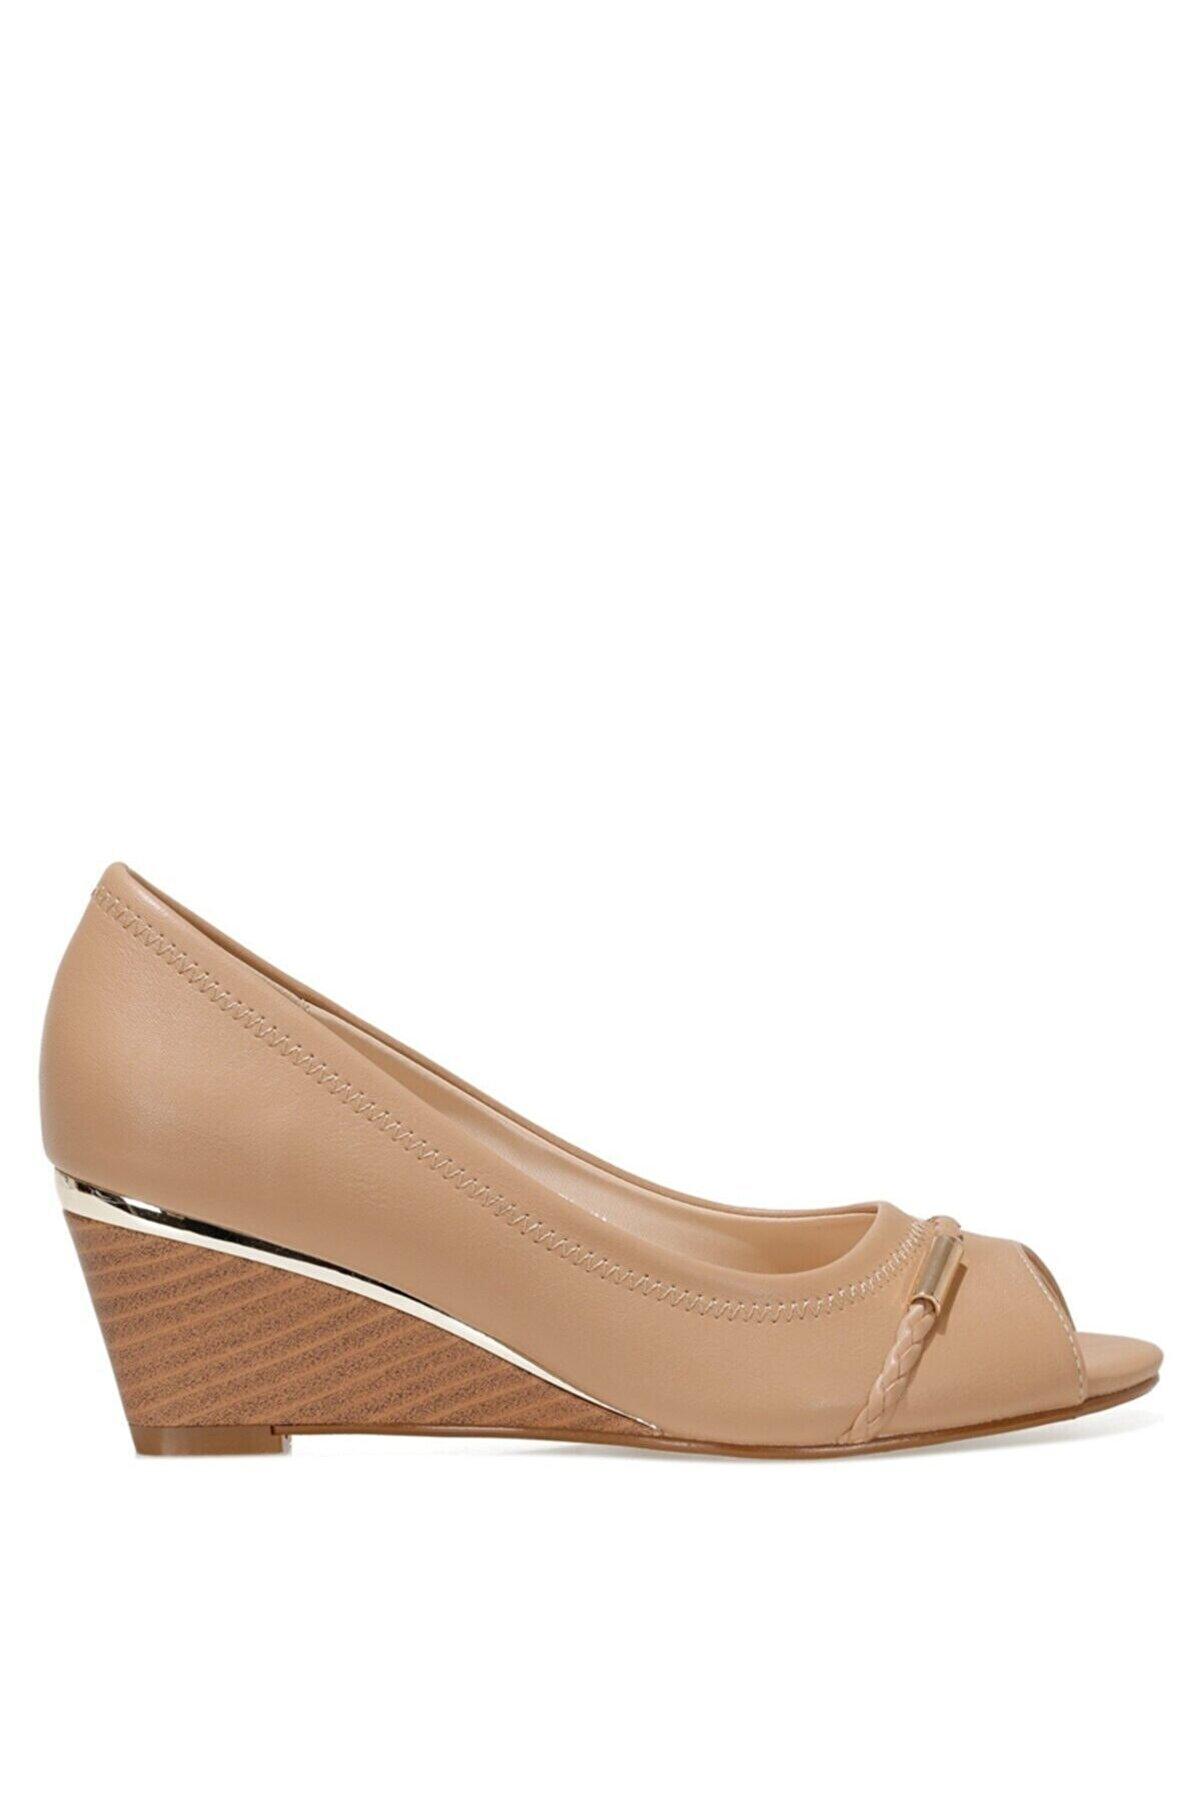 Nine West BIRENNA 1FX NUDE Kadın Dolgu Topuklu Ayakkabı 101027429